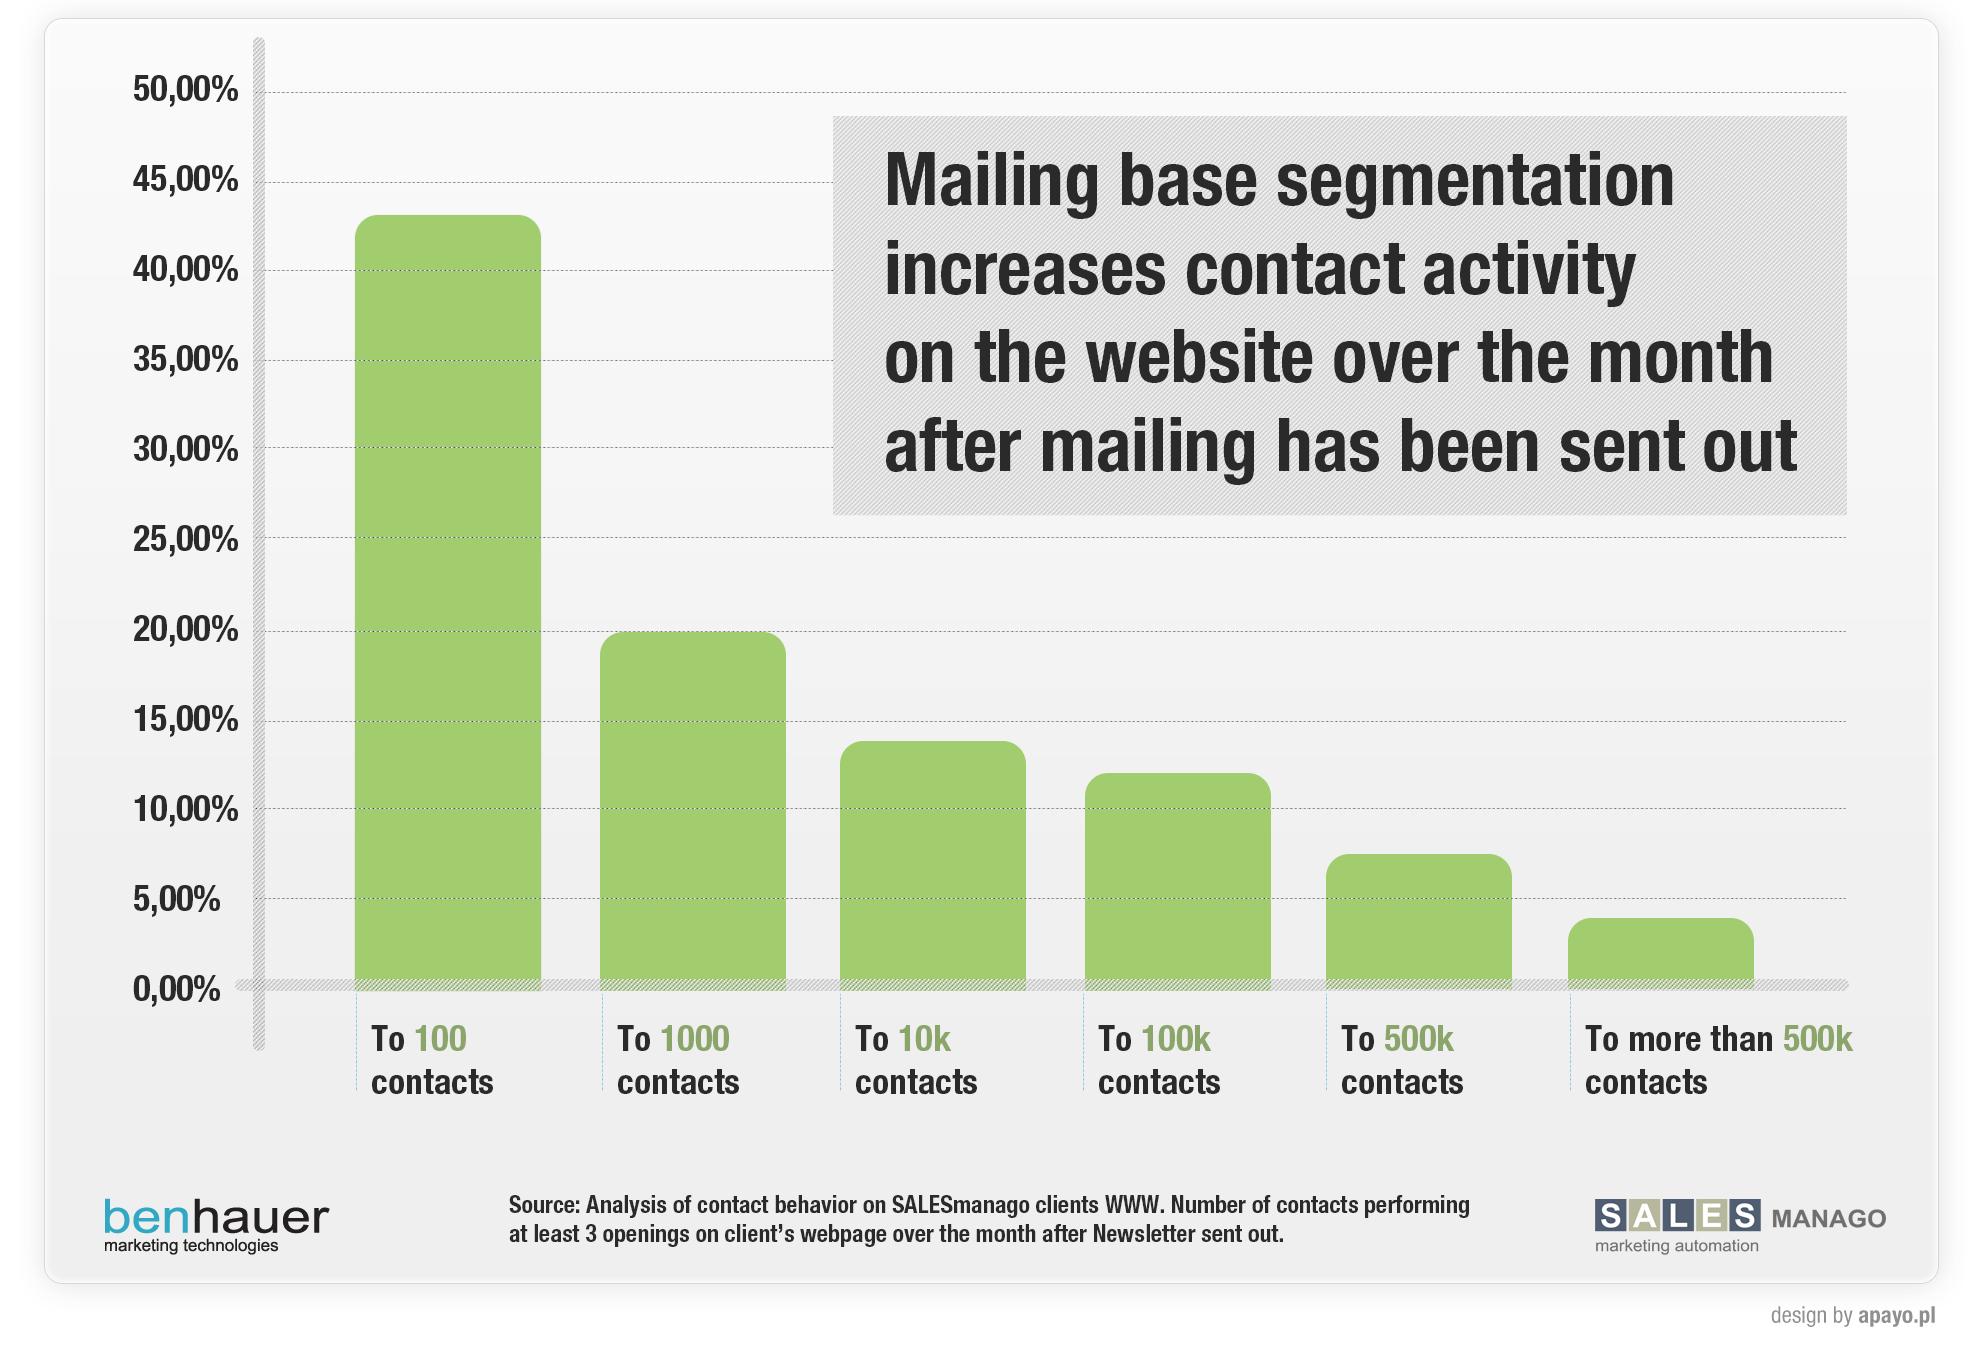 Mailing base segmentation